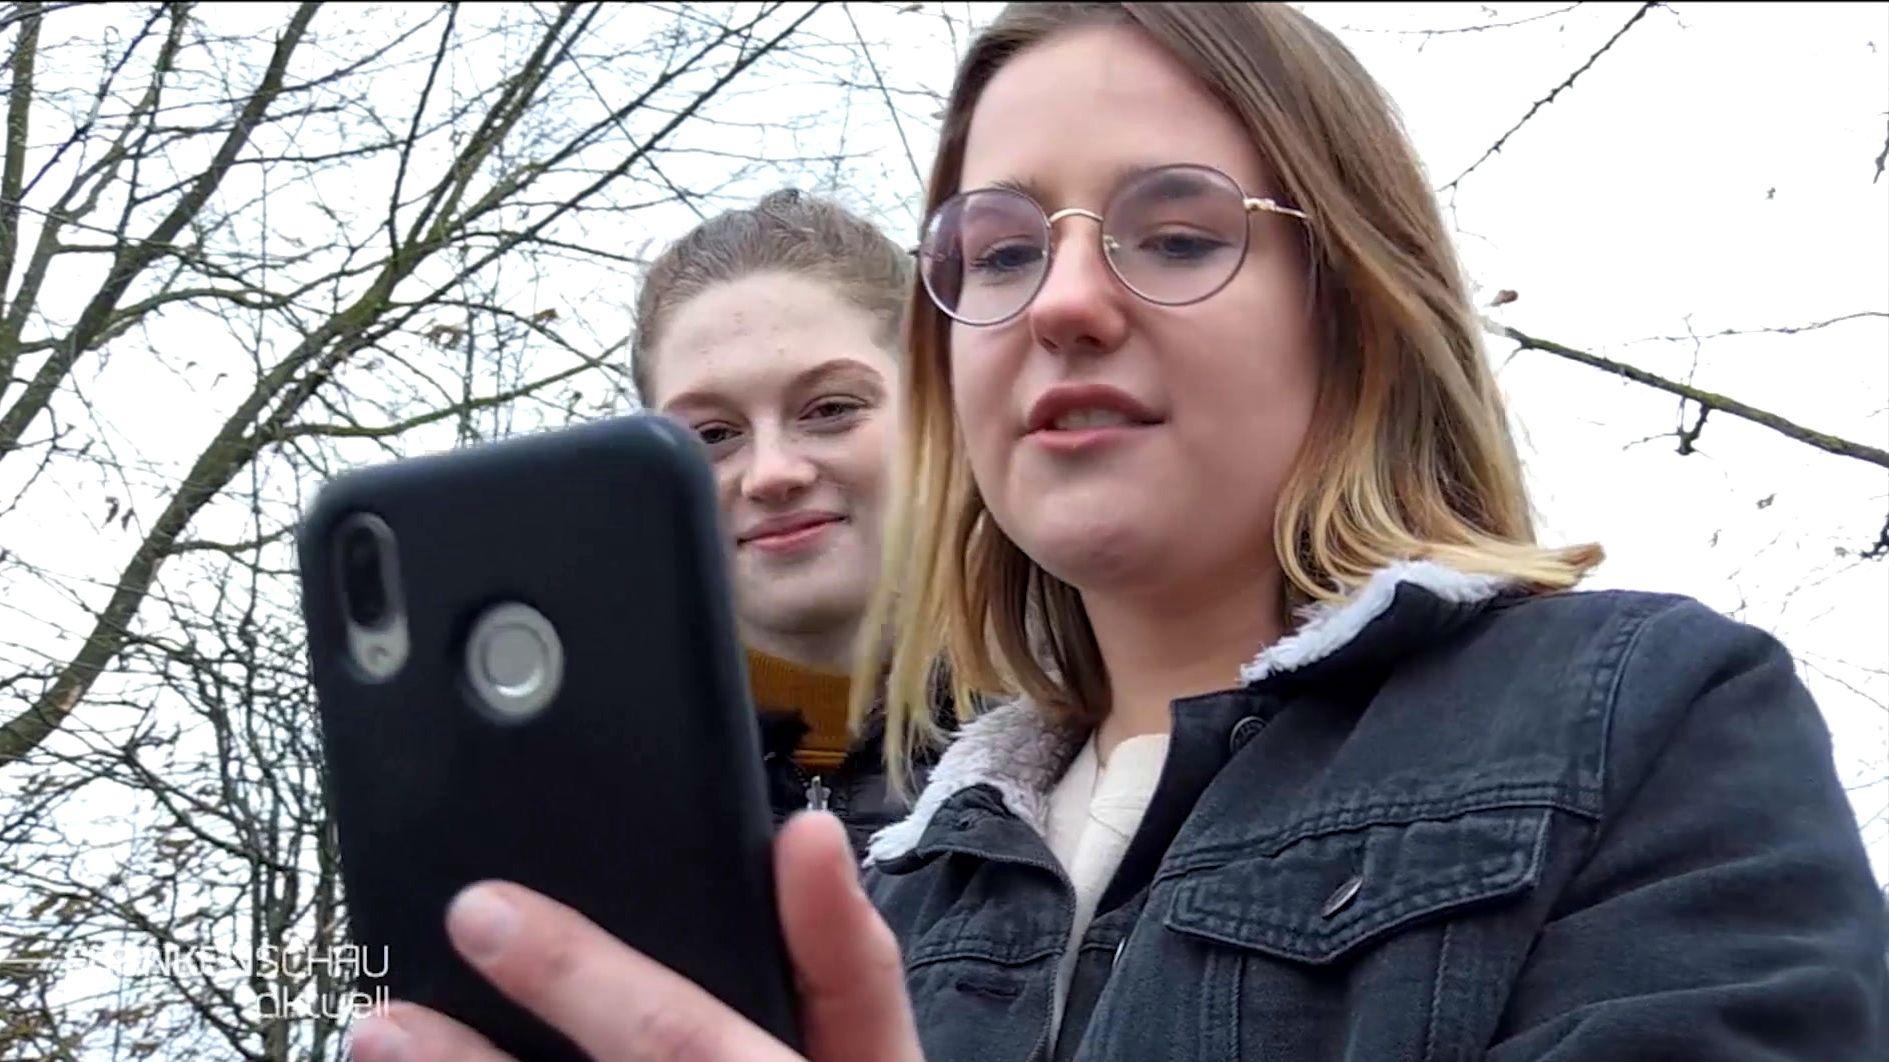 """Emma Bindrum und Paula Christof gründeten in Hammelburg die Liste """"Generation Z"""". Damit wollen die beiden 18-Jährigen in den Stadtrat einziehen."""